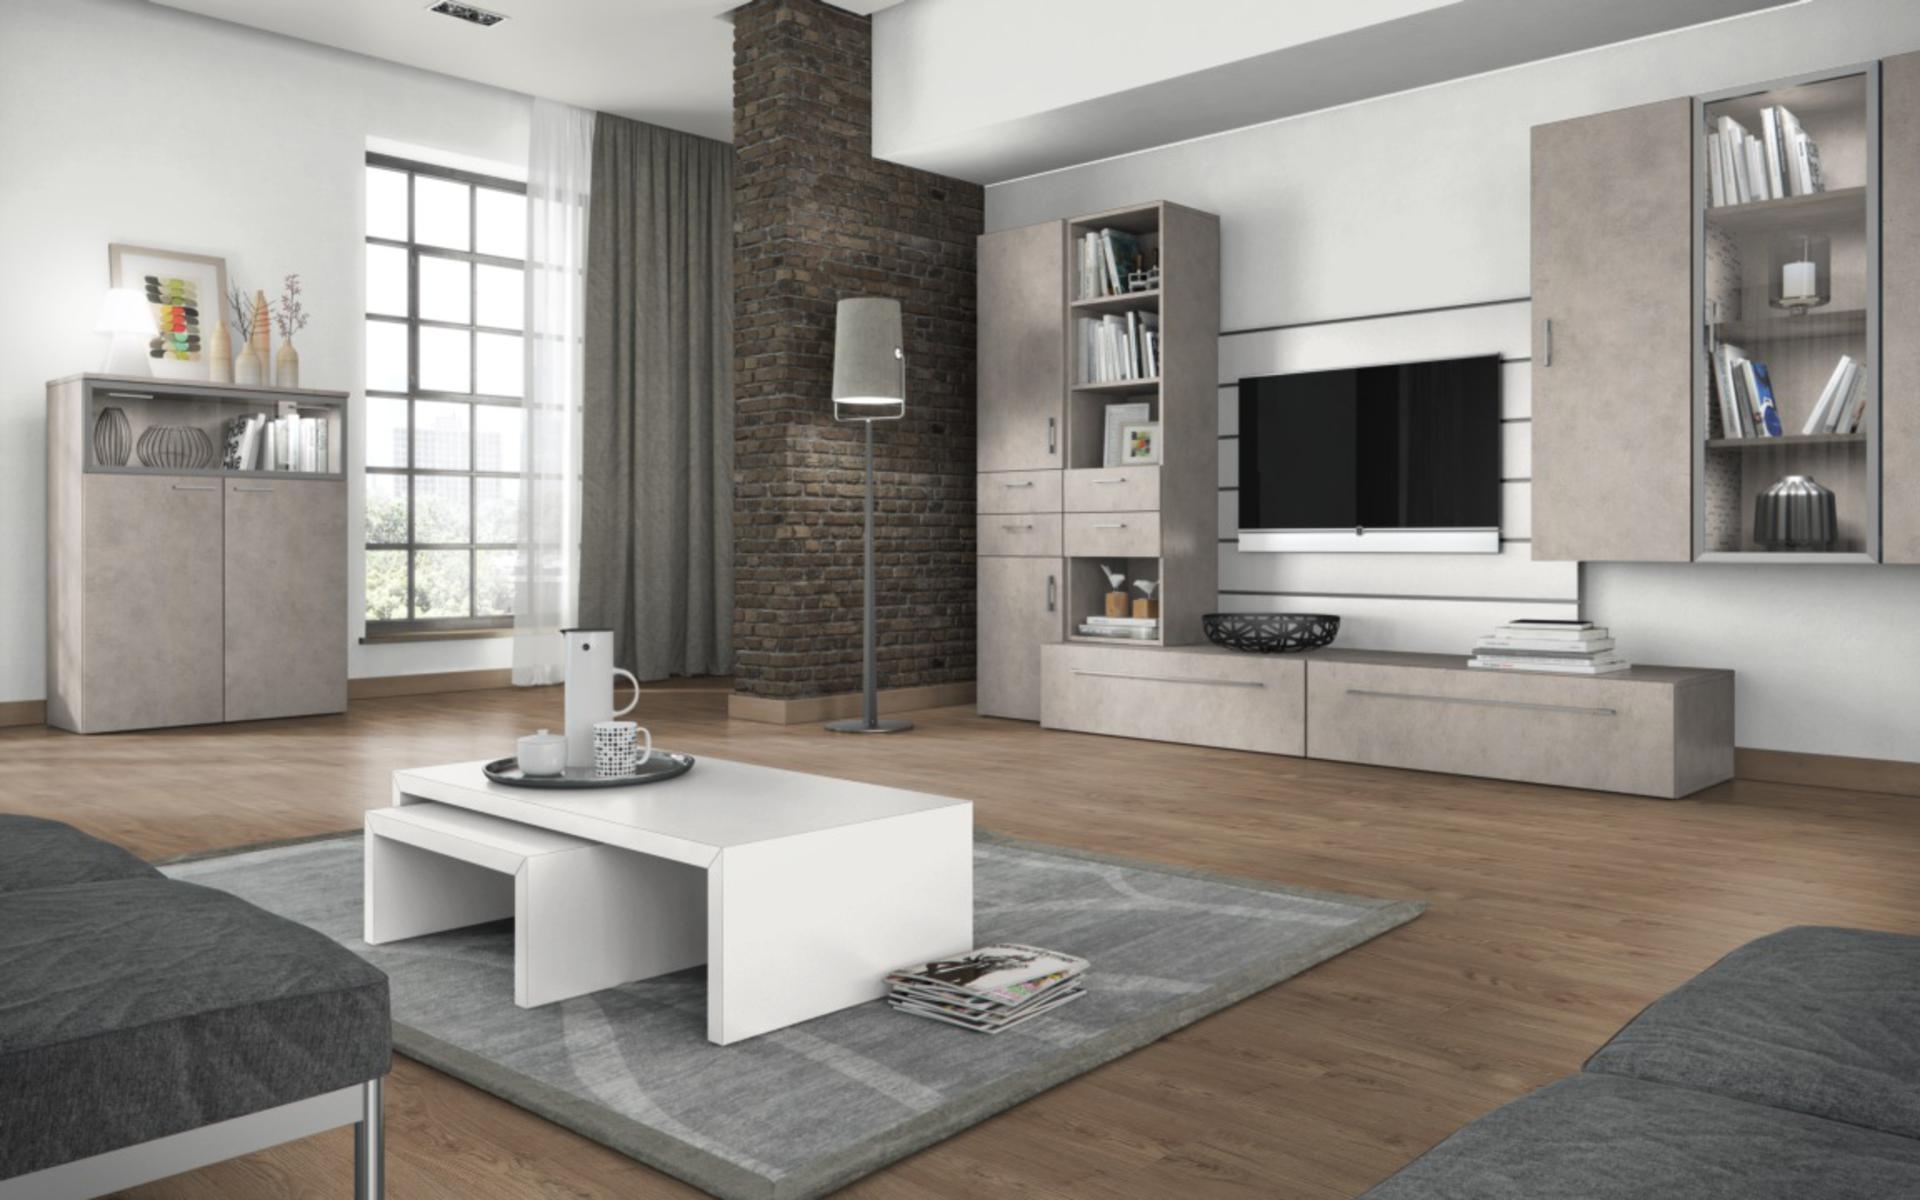 raum selber gestalten affordable design ideen fr das zuhause kche fr kleinen raum schn esstisch. Black Bedroom Furniture Sets. Home Design Ideas